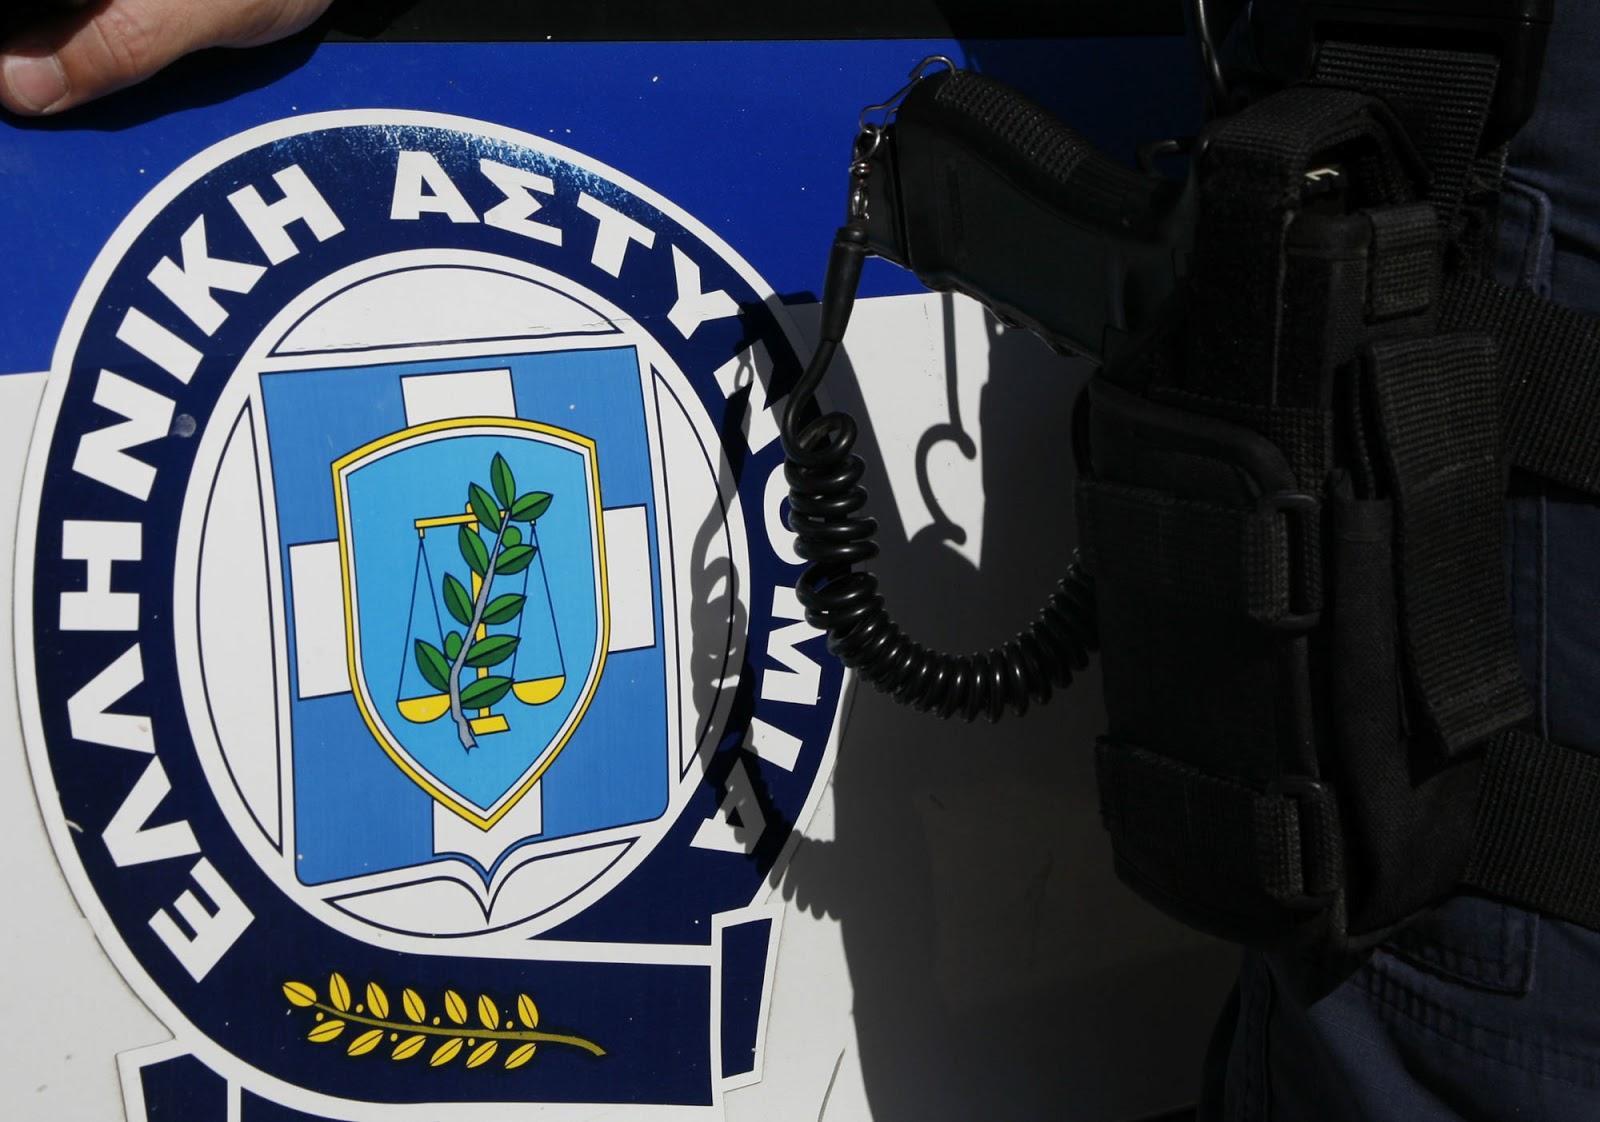 Αστυνομικοί έλεγχοι για την πάταξη του παραεμπορίου στα Τρίκαλα